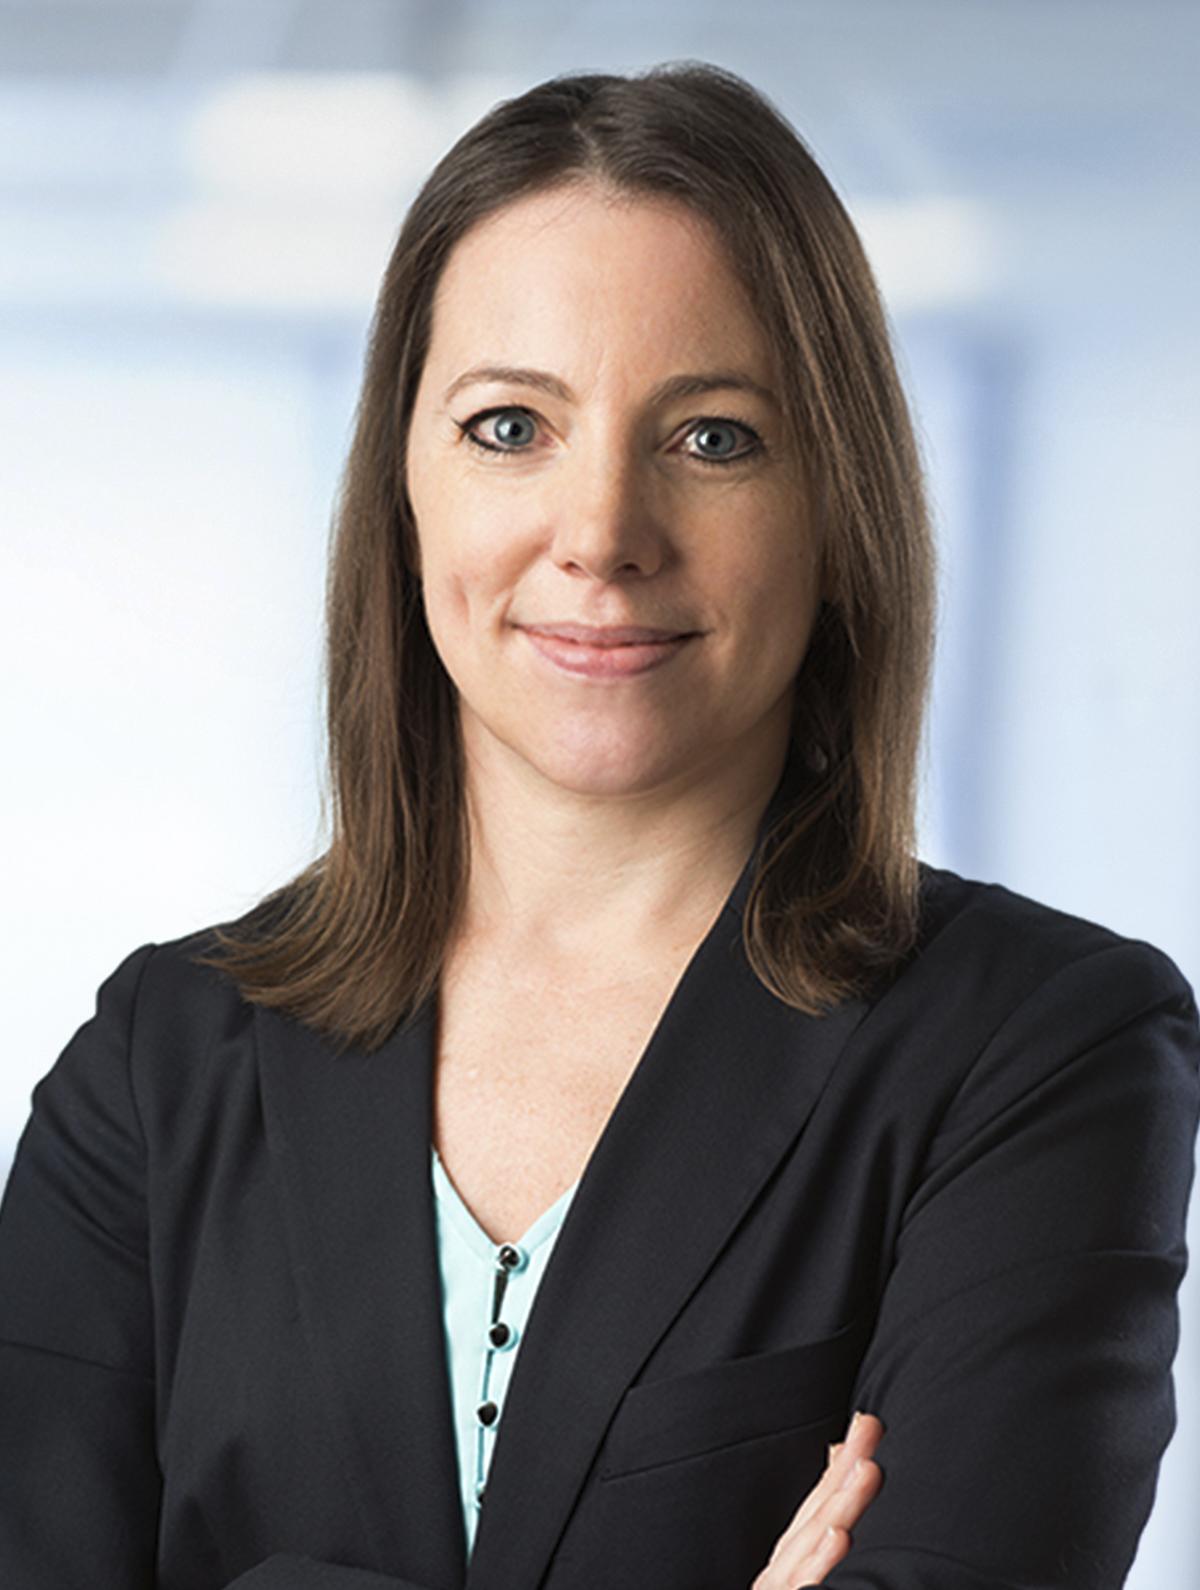 Kathy Kozak, Trez Capital